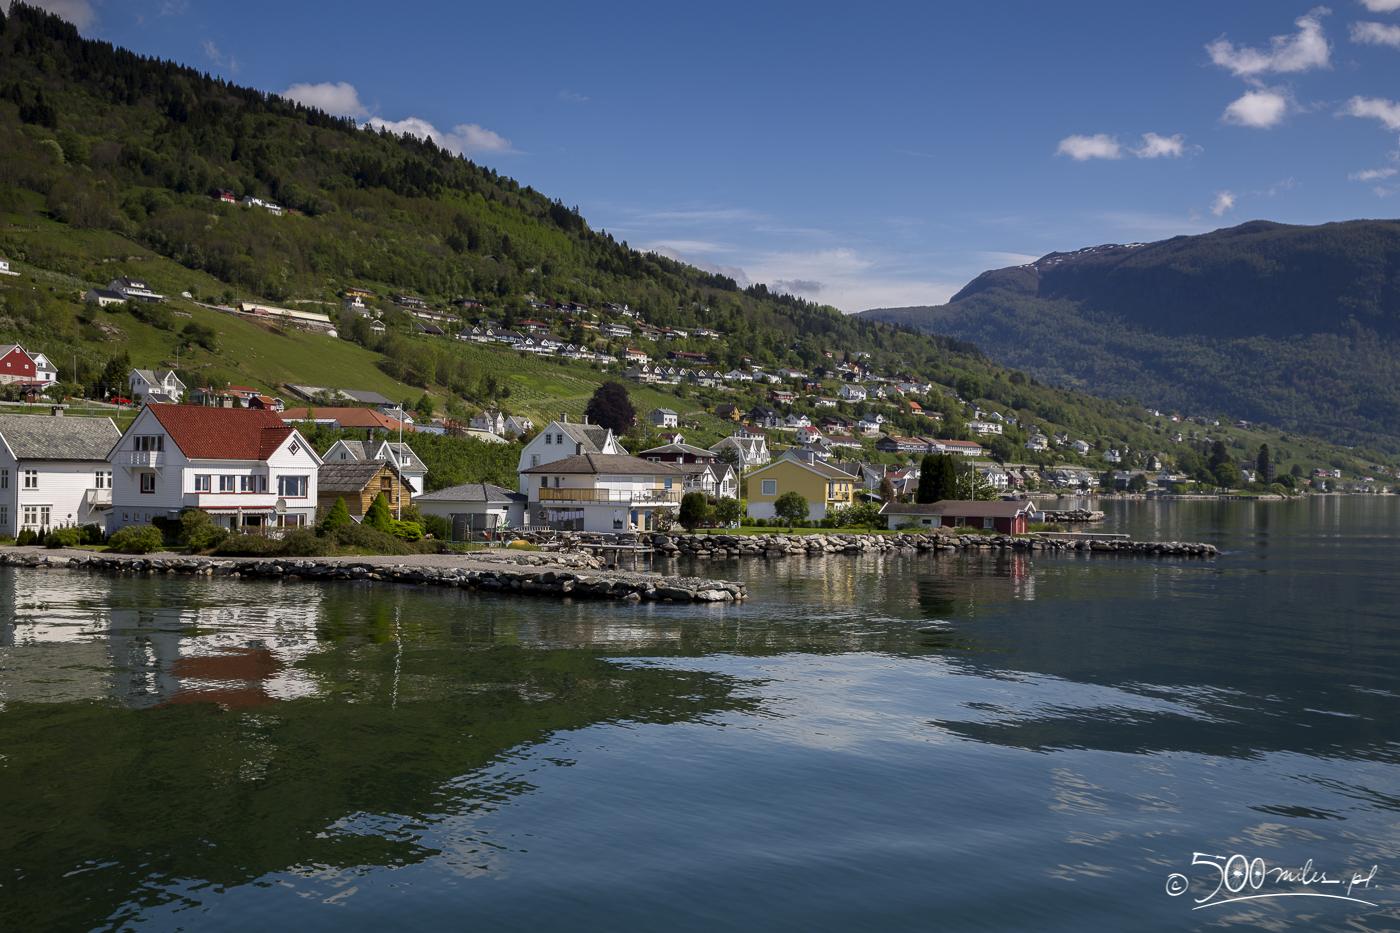 Leikanger, Norway